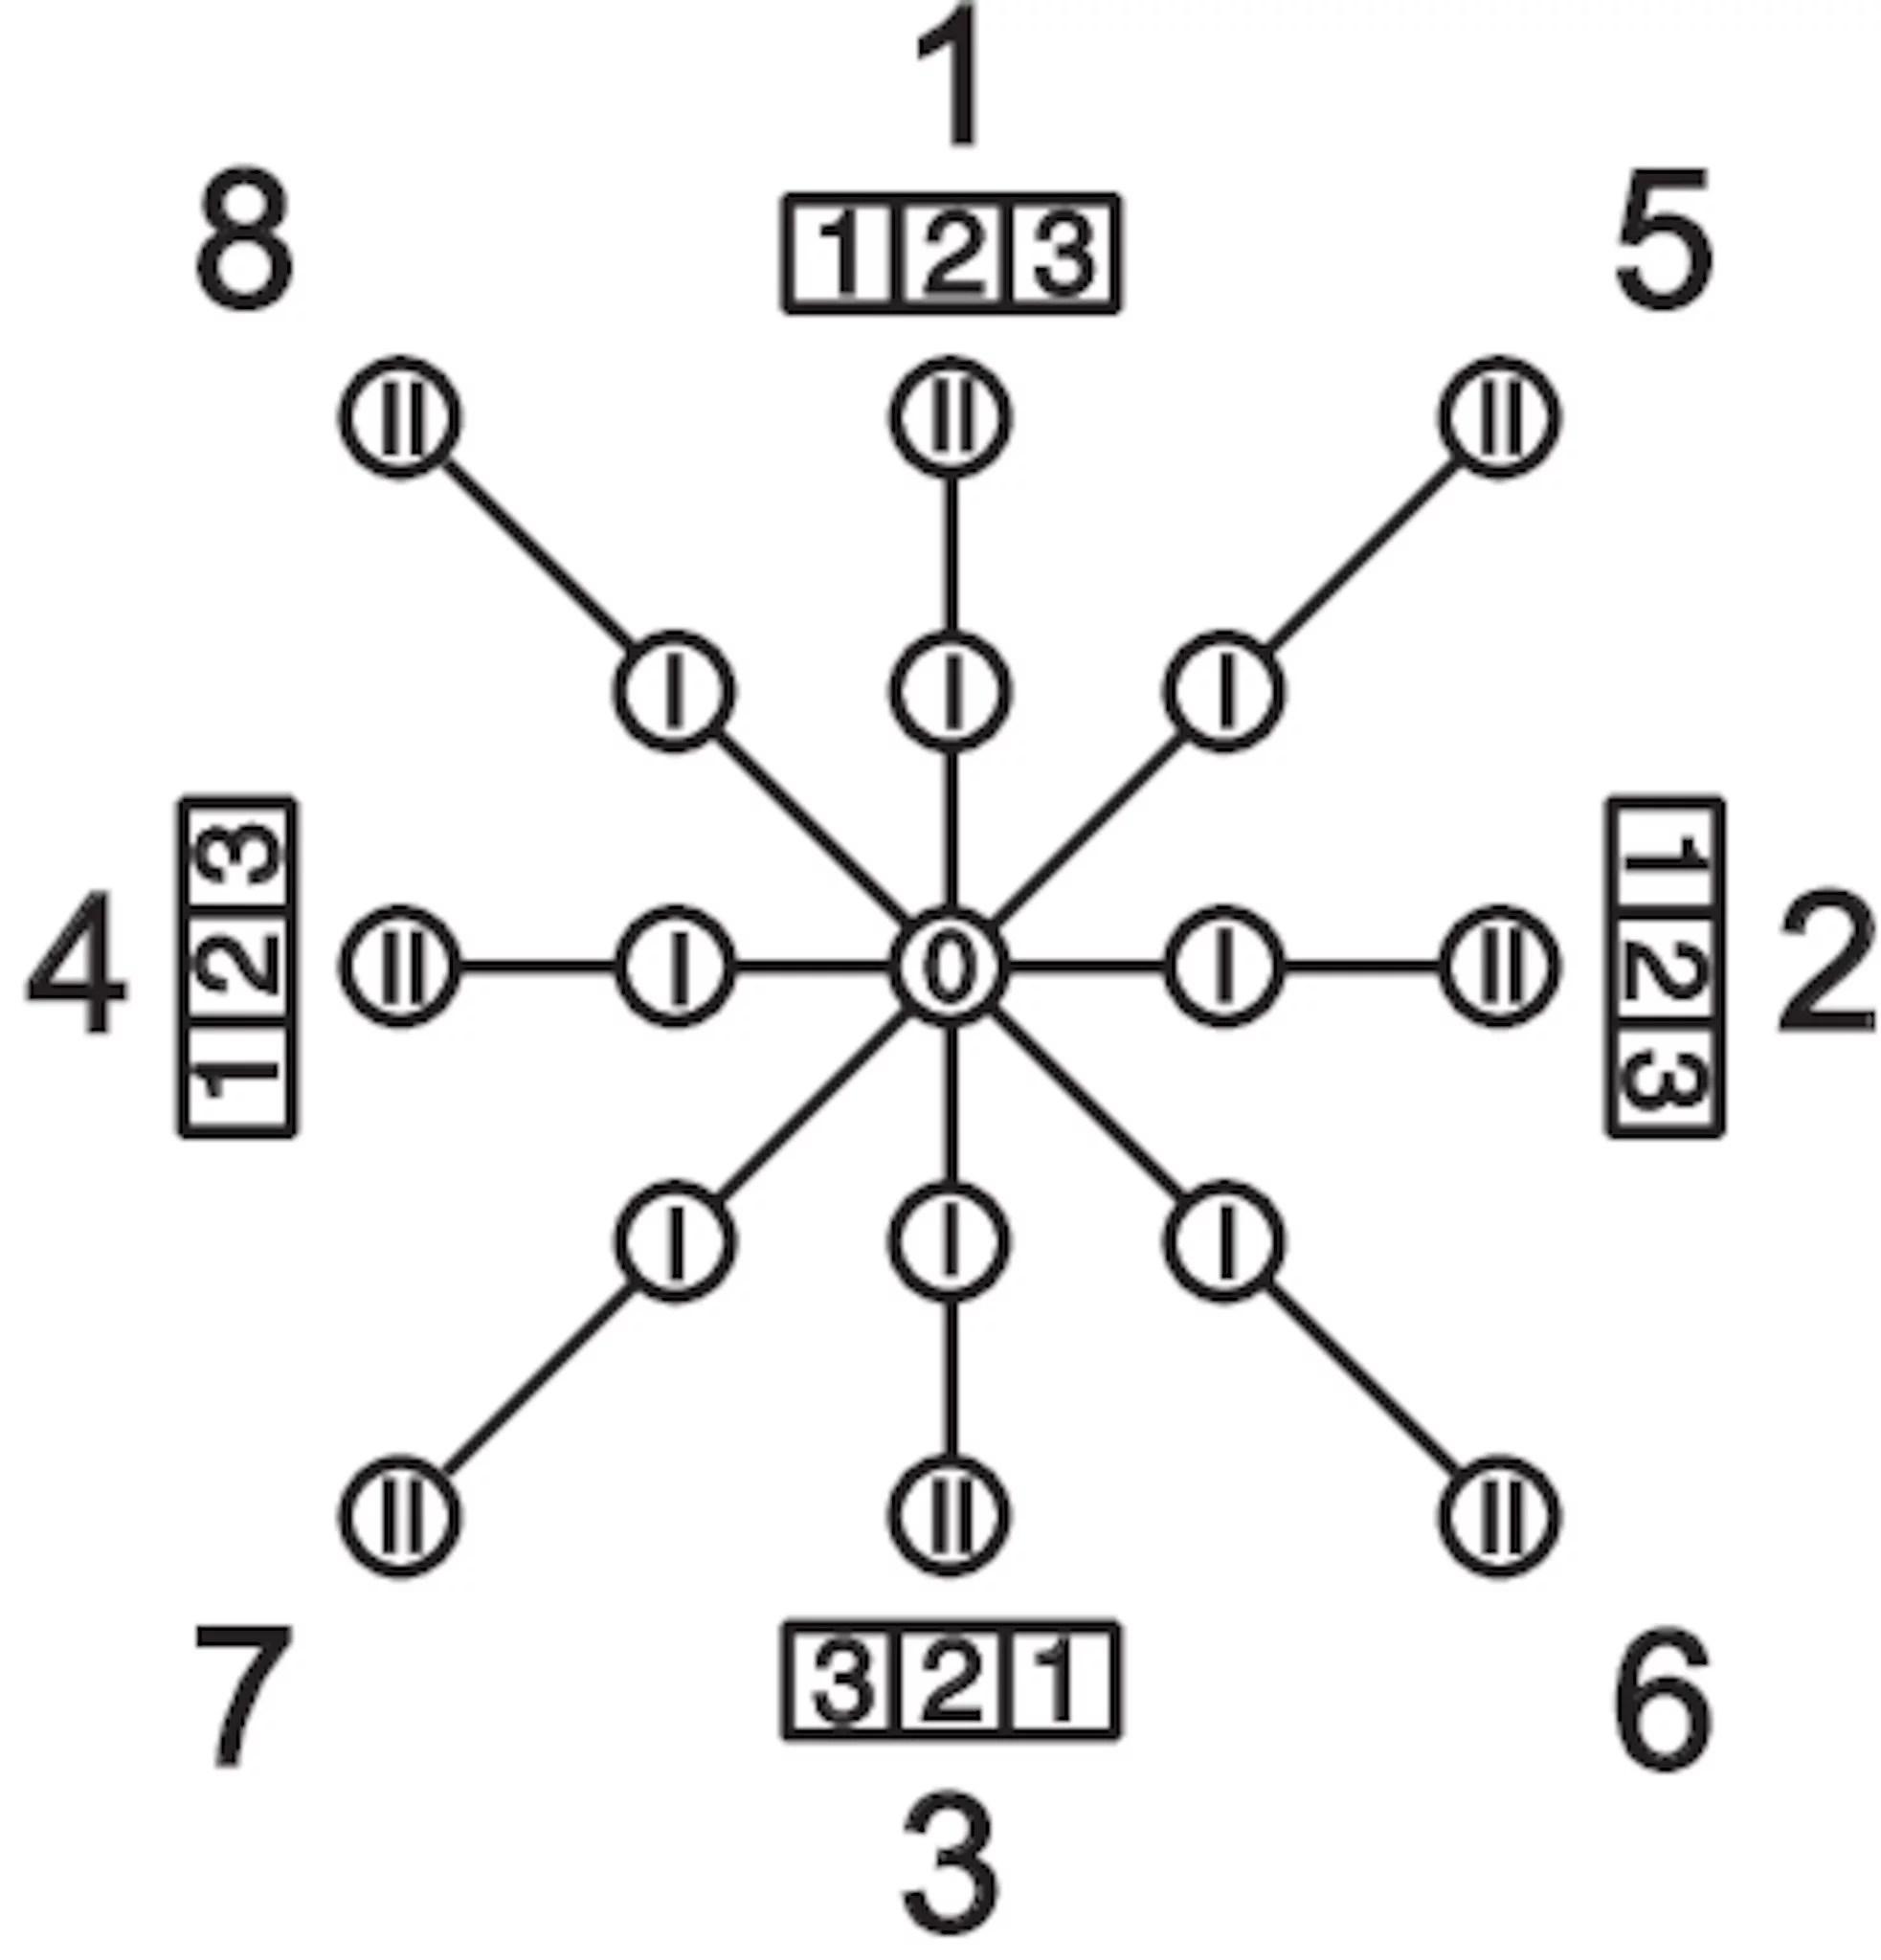 Kcb4e4e4e4e Dv0wz